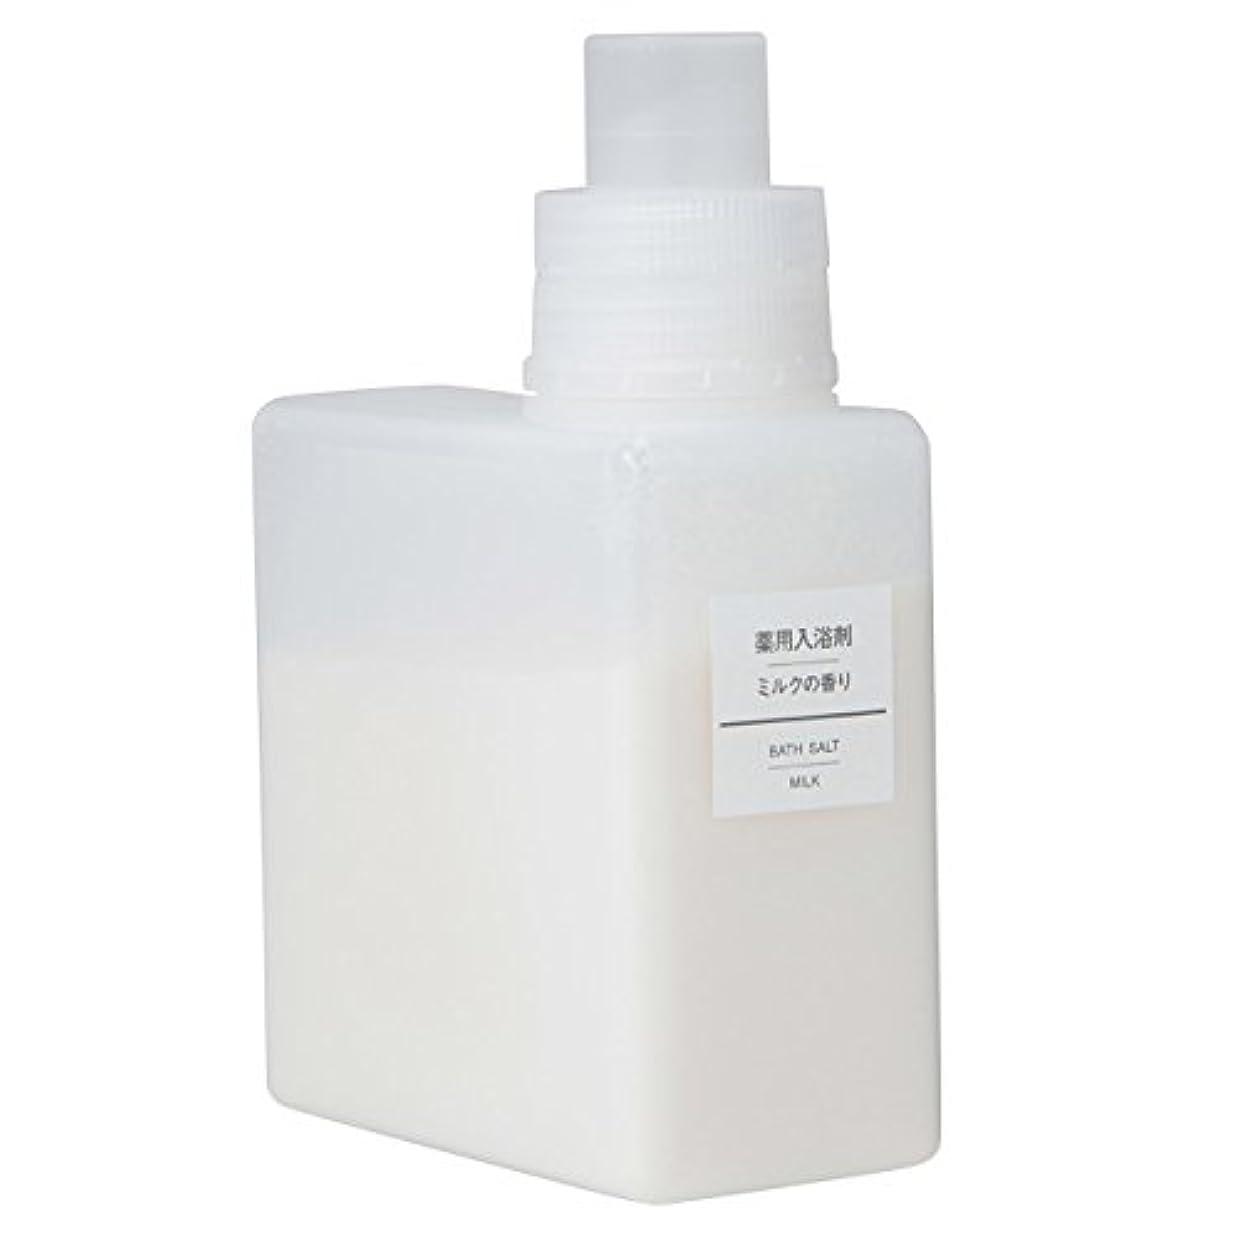 カタログヨーグルトフラップ無印良品 薬用入浴剤?ミルクの香り (新)500g 日本製